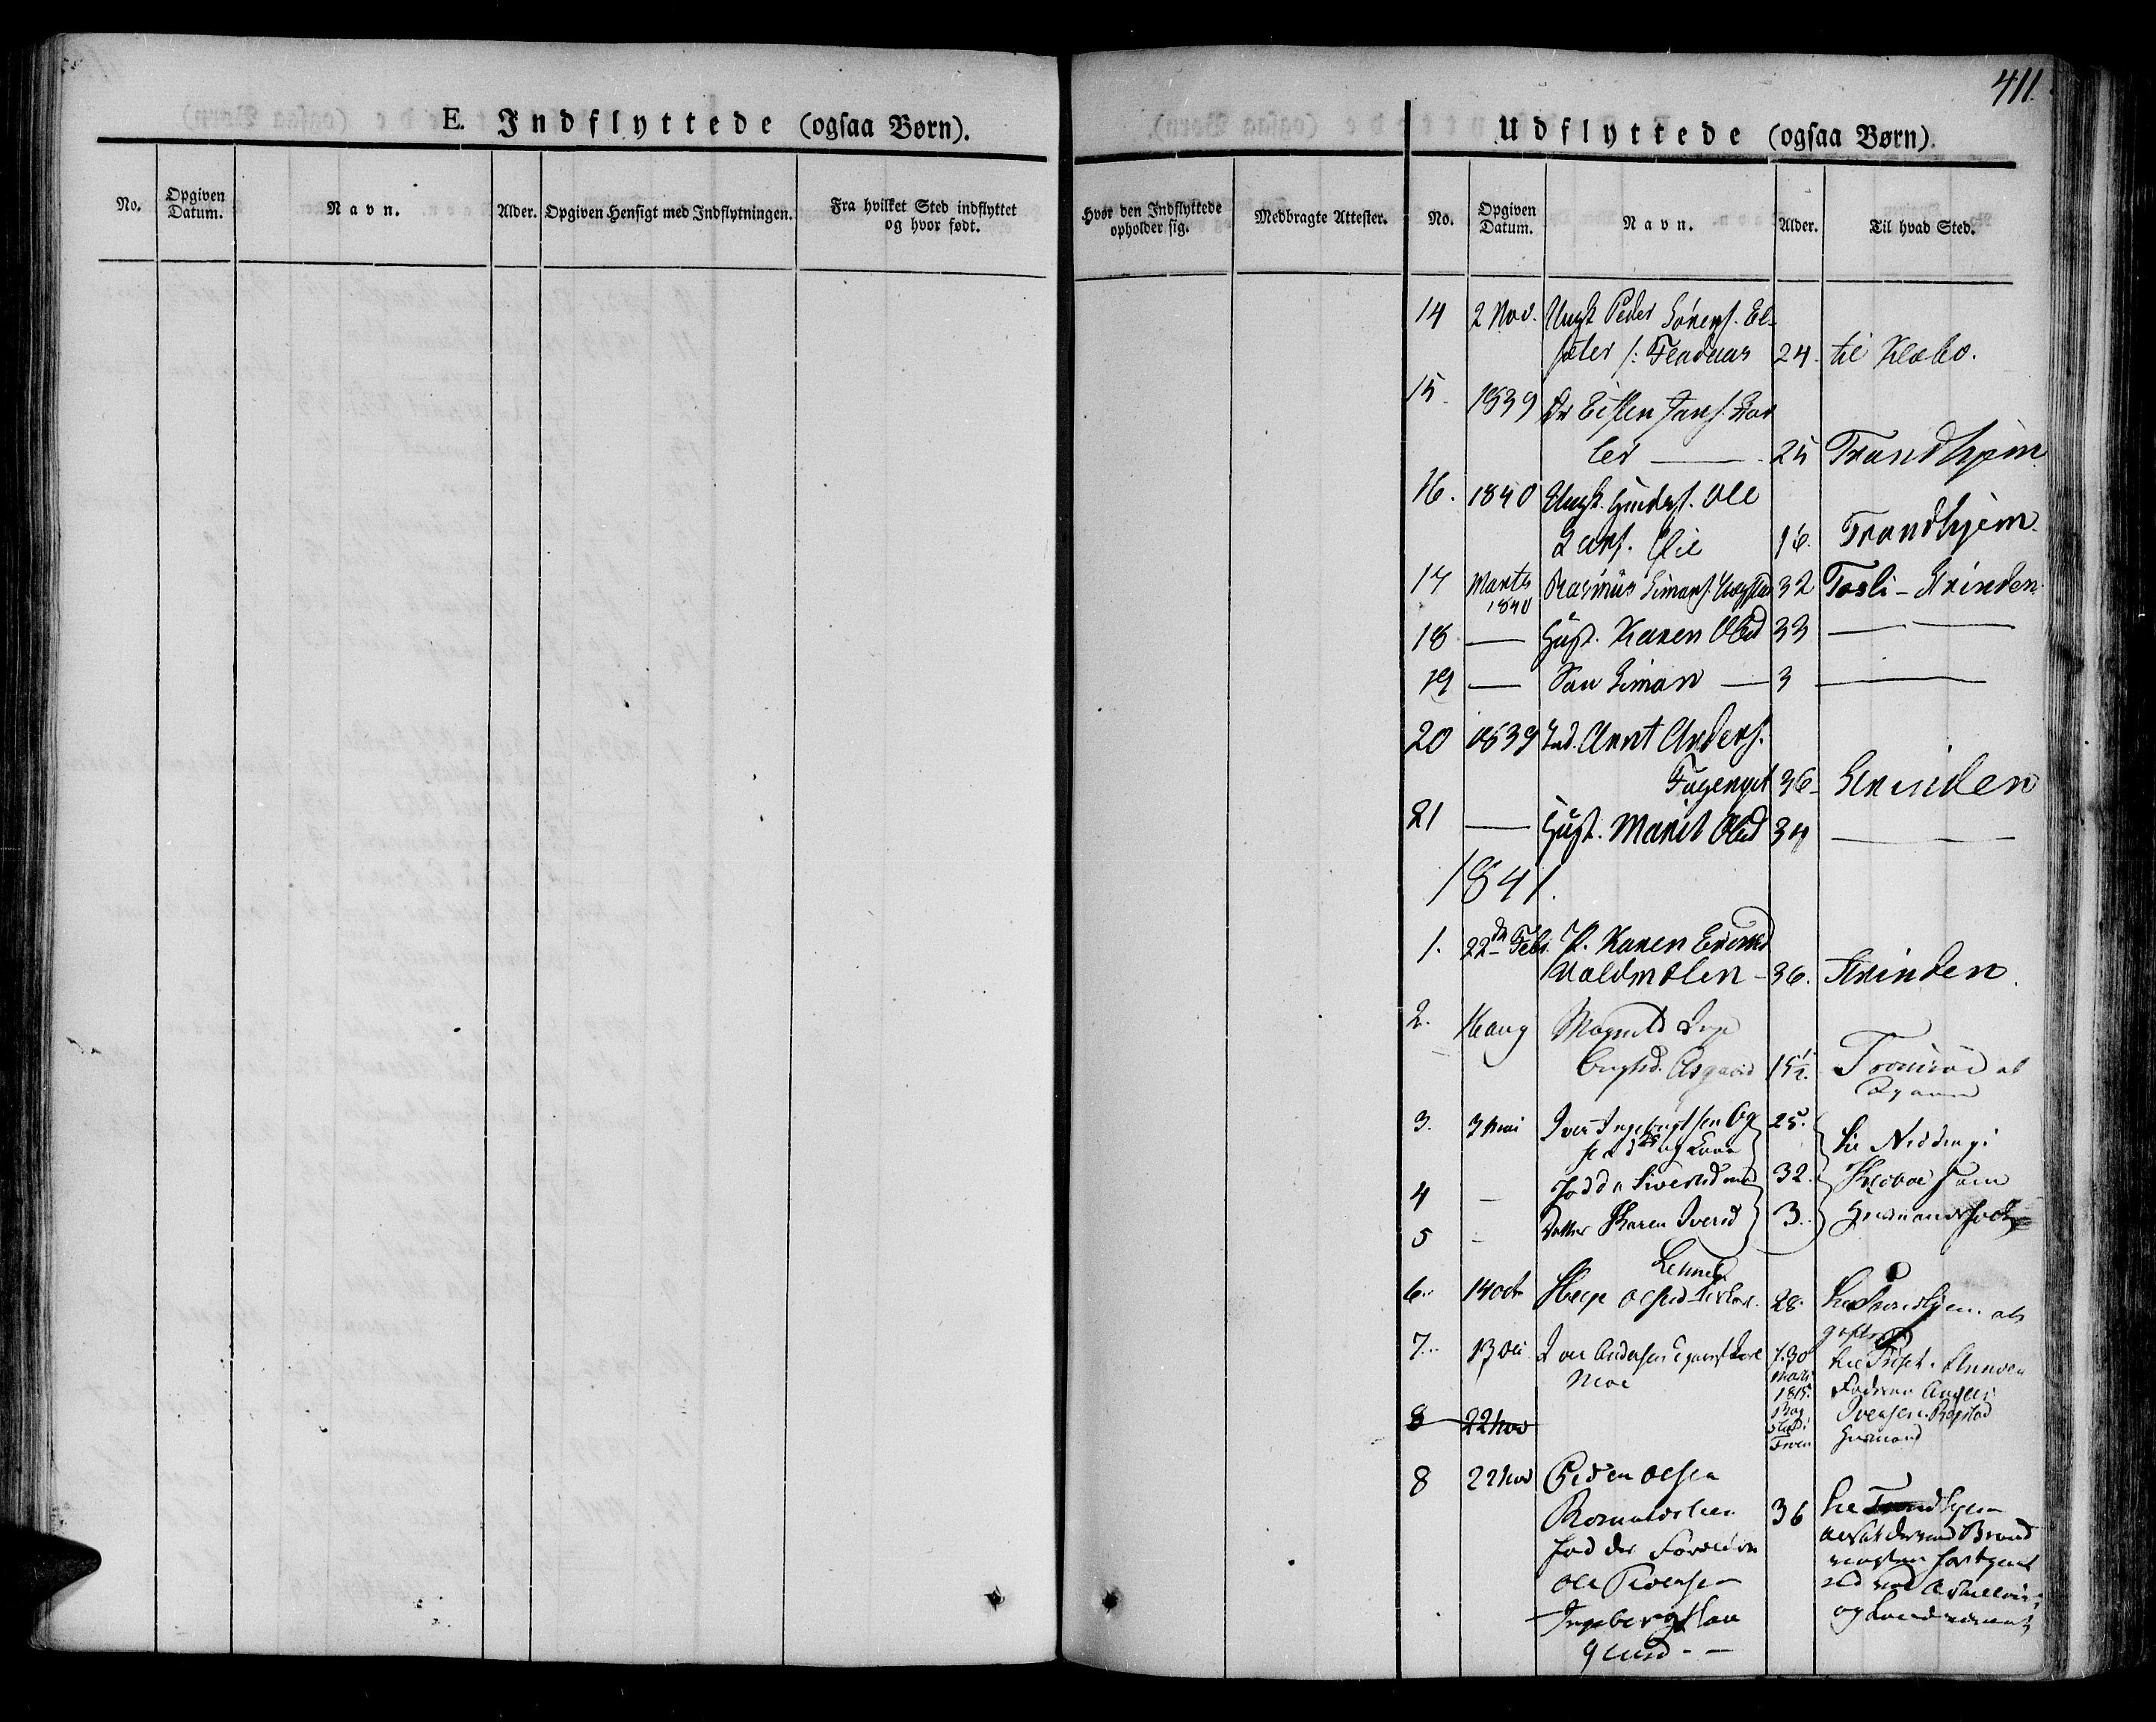 SAT, Ministerialprotokoller, klokkerbøker og fødselsregistre - Sør-Trøndelag, 691/L1071: Ministerialbok nr. 691A05 /2, 1826-1841, s. 411